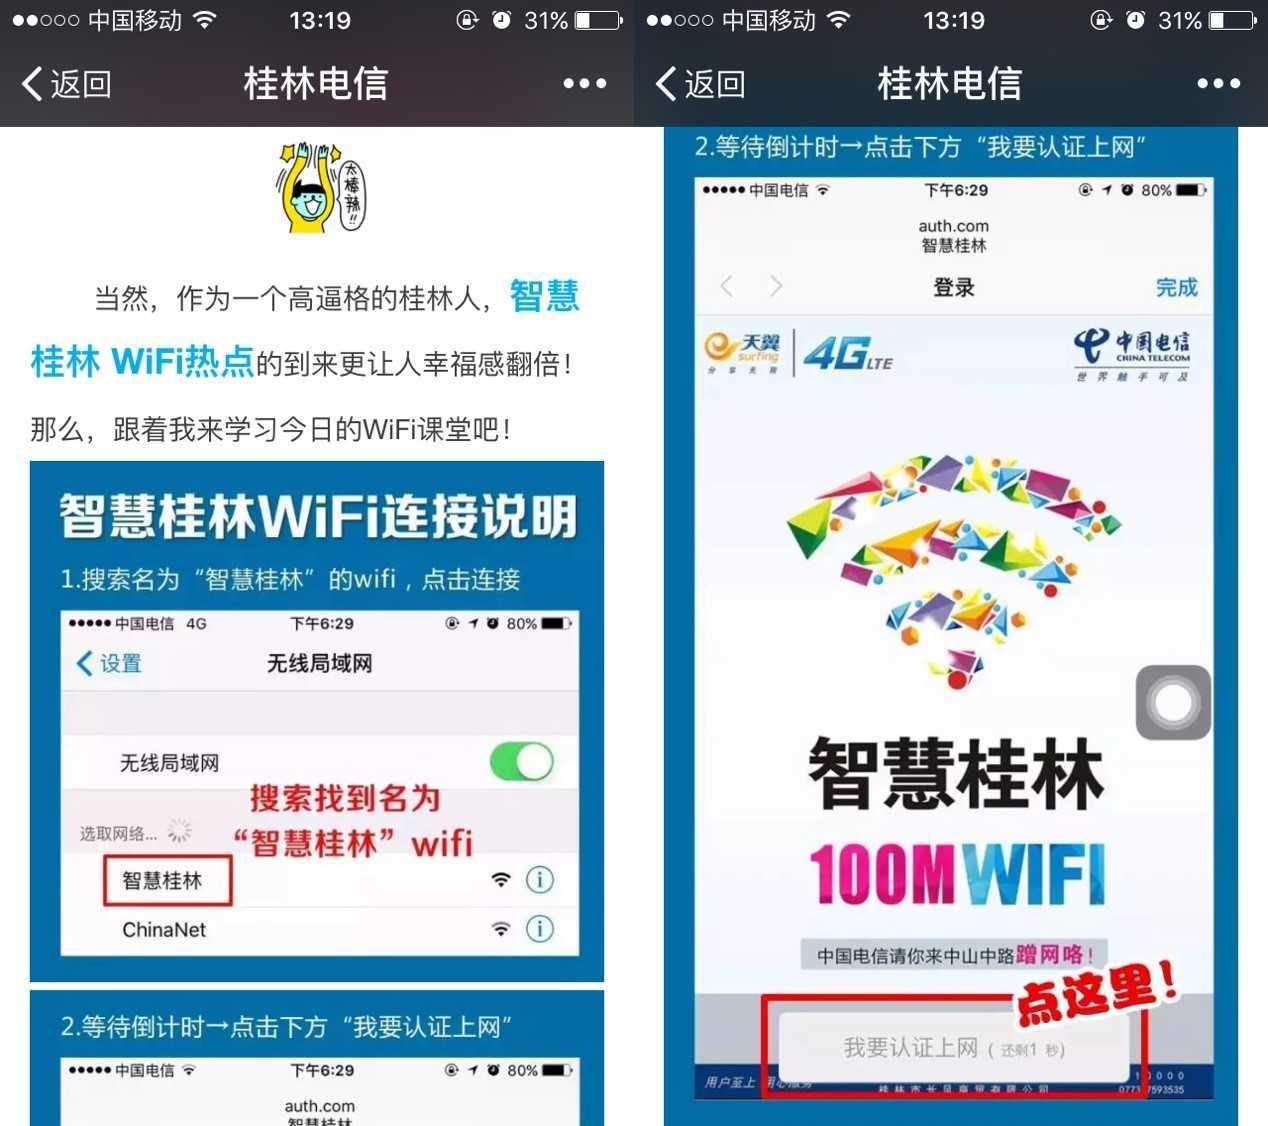 桂林无智慧城市无线网络连接示意图